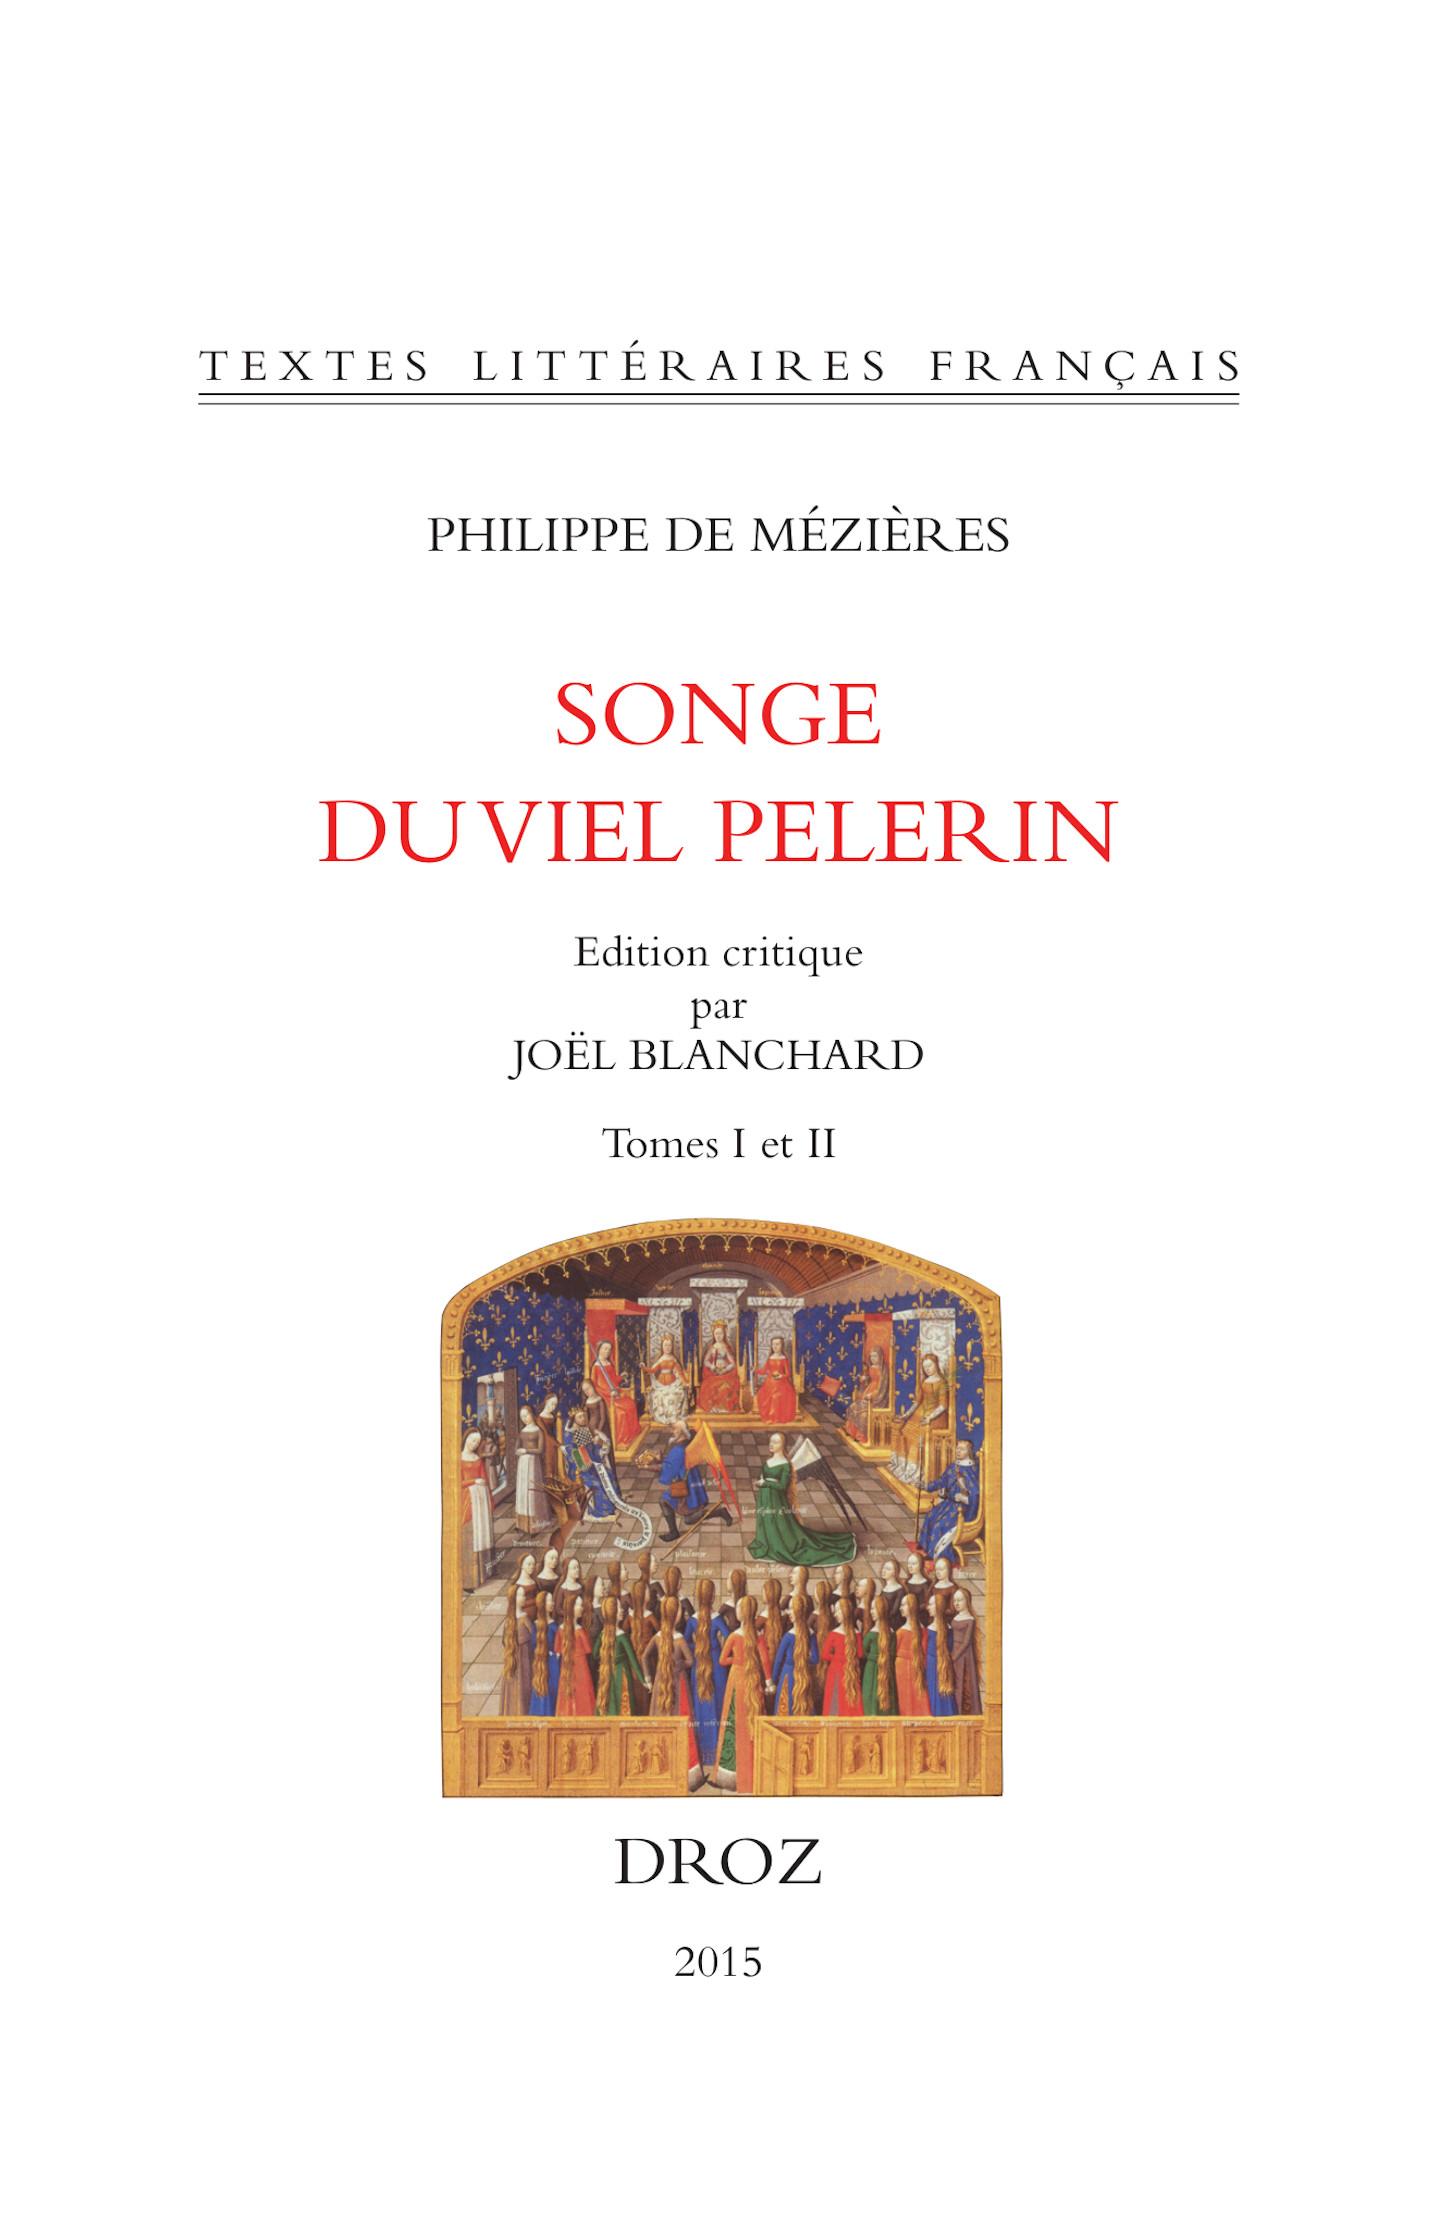 Songe du Viel Pelerin, Didier Kahn